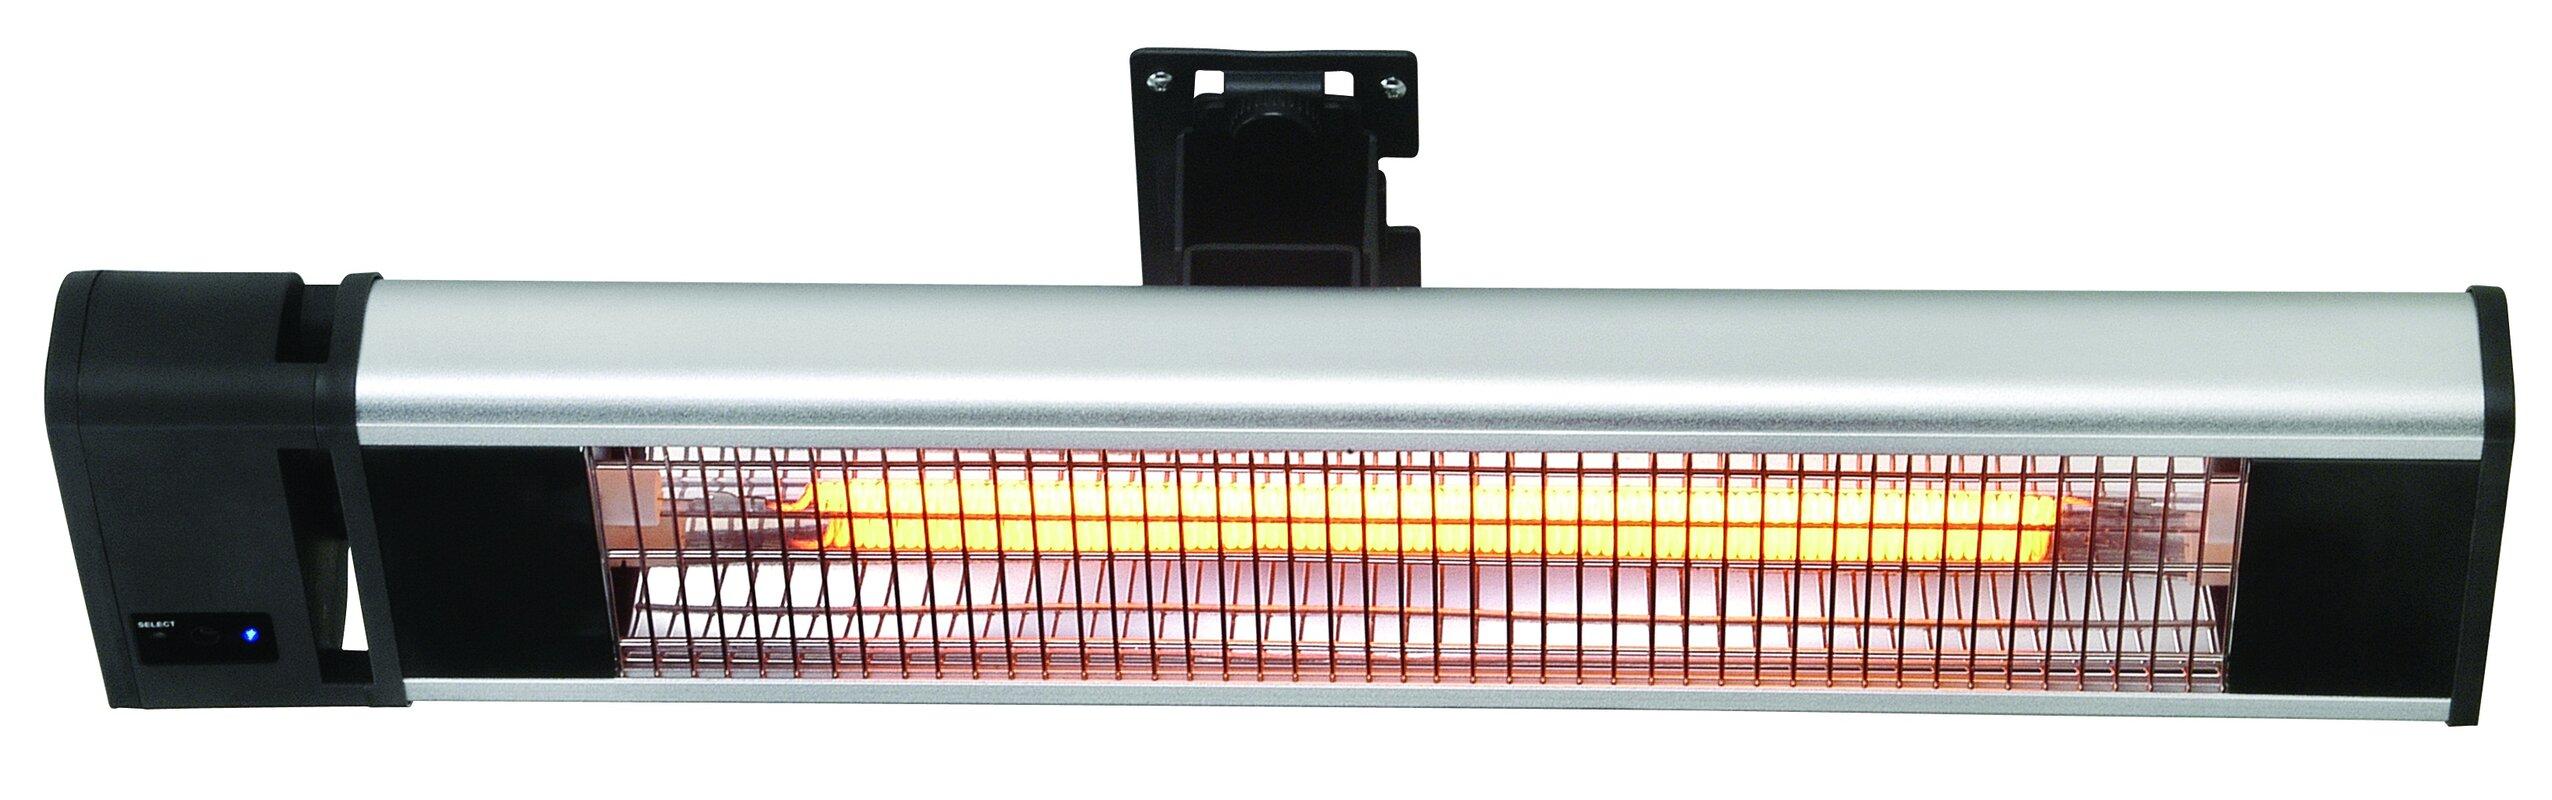 Hetr Wall Ceiling Mounted 1500 Watt Electric Patio Heater